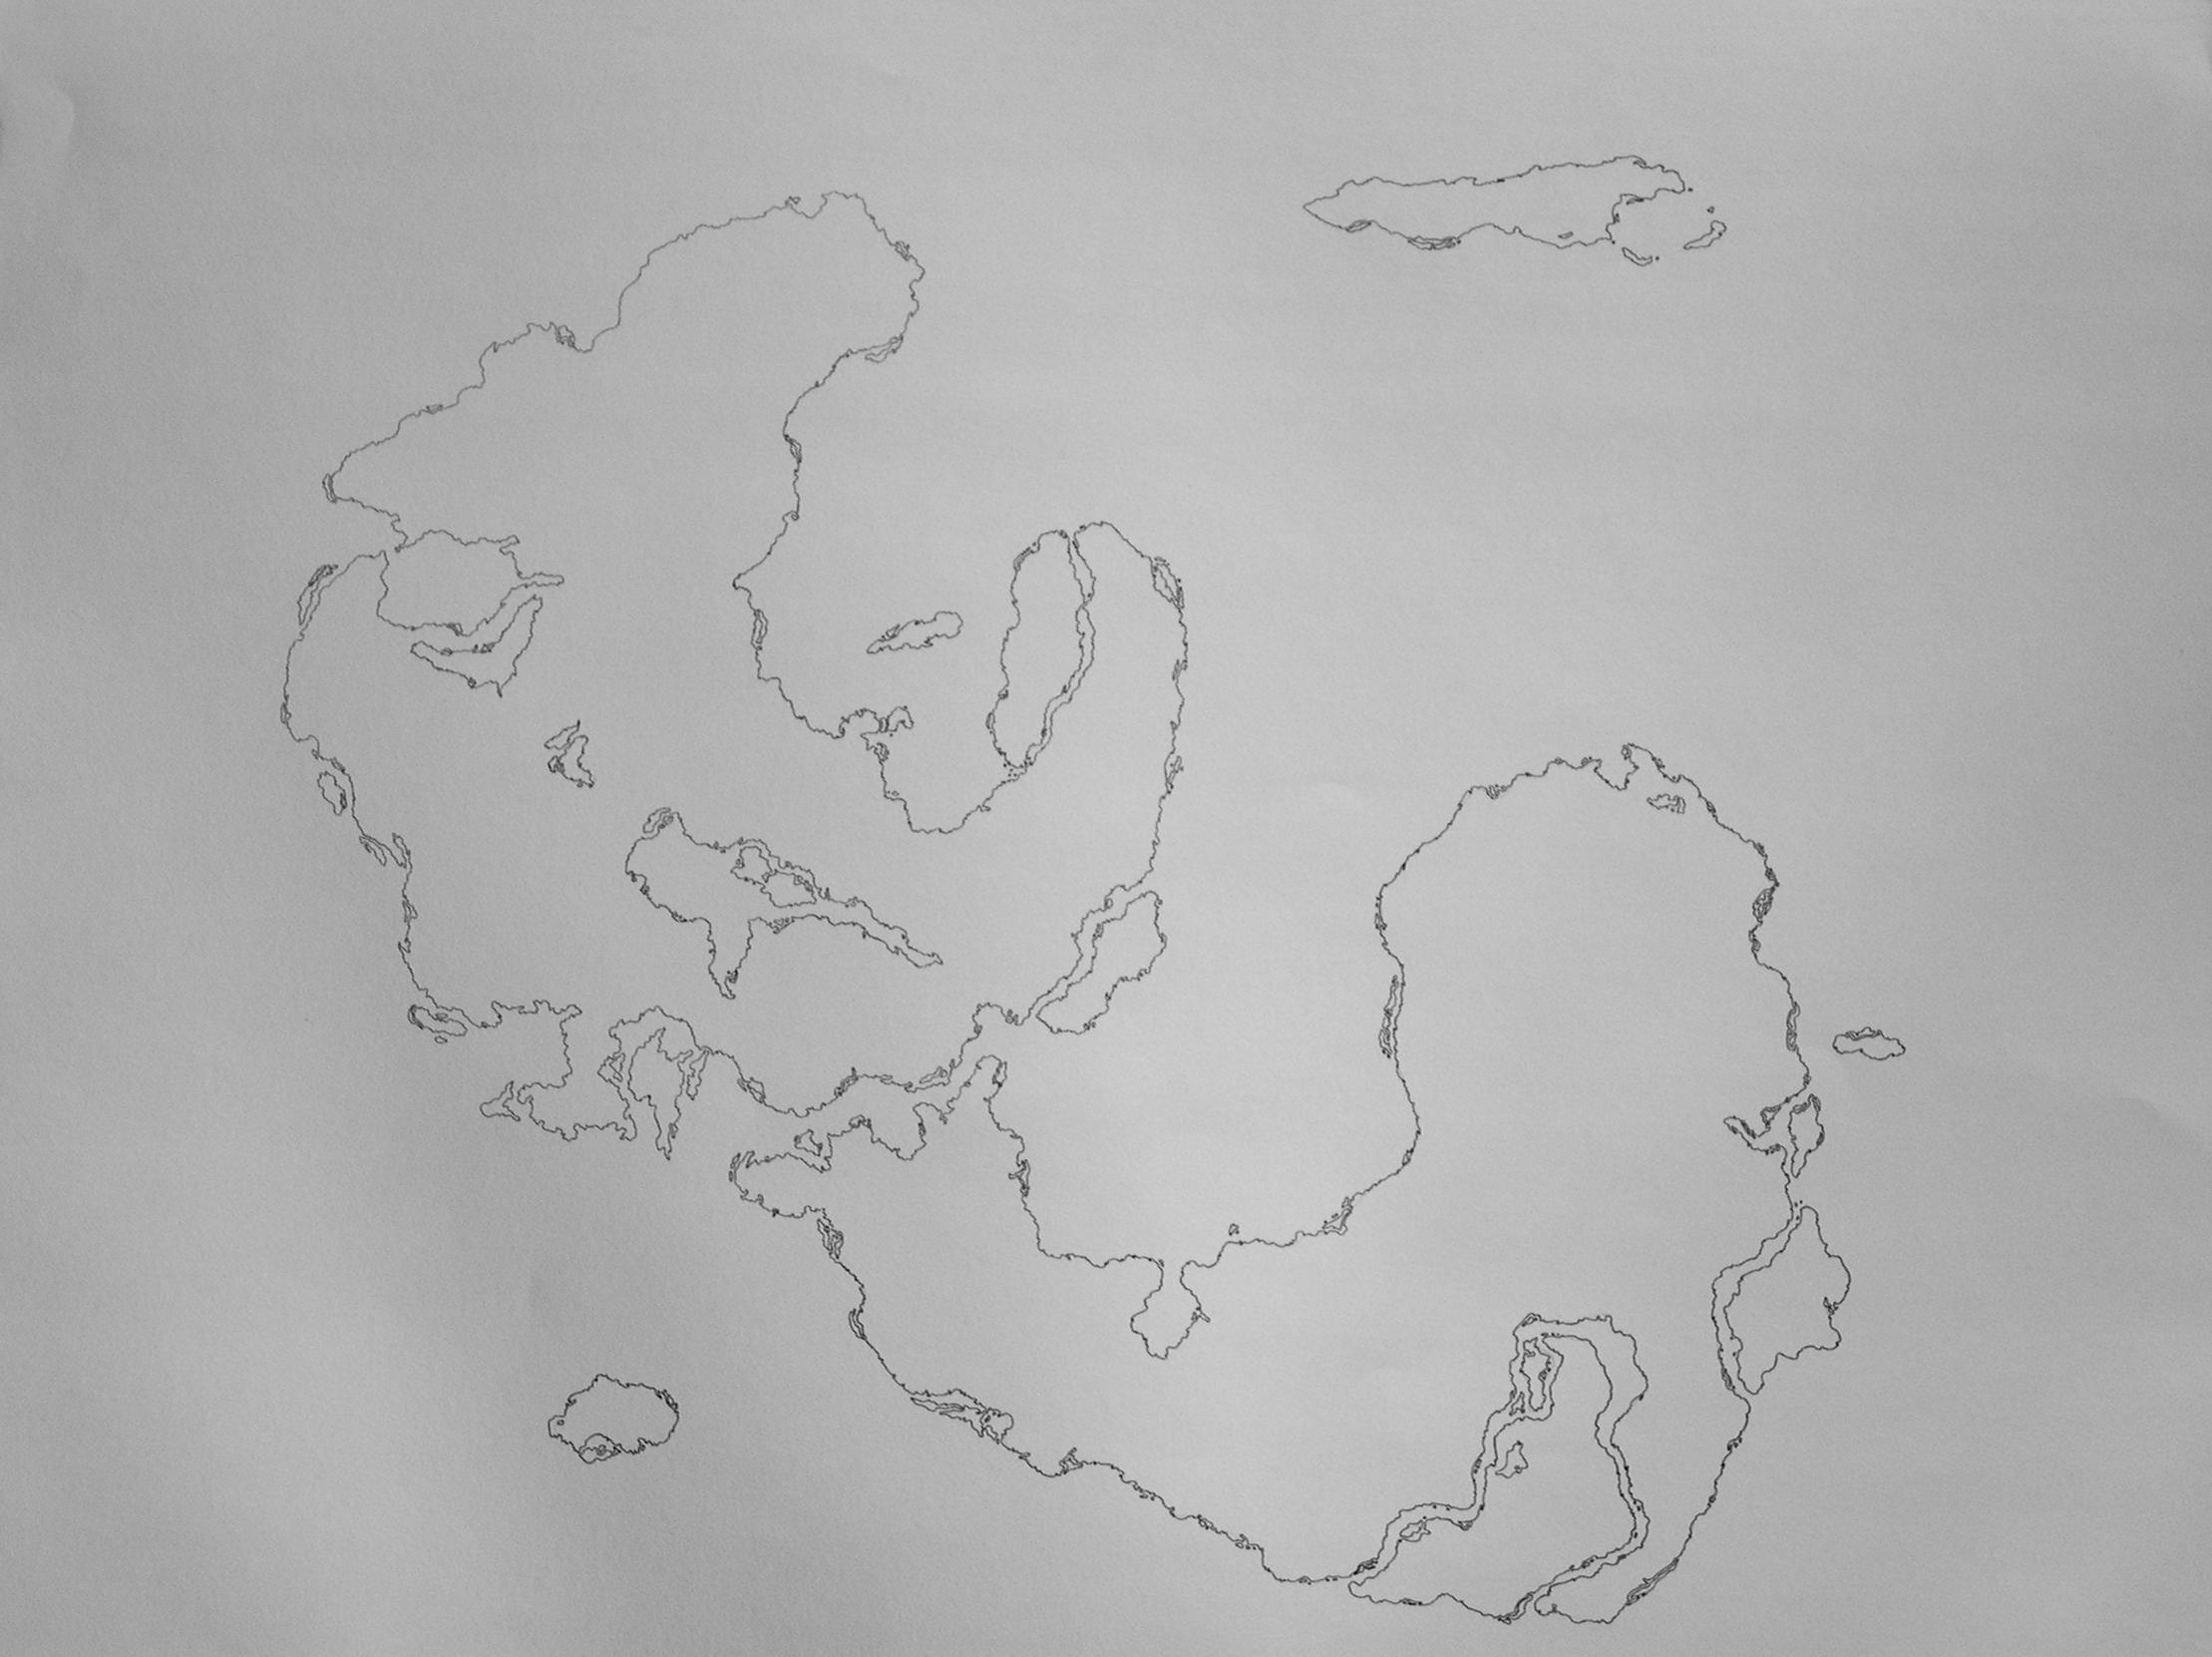 Cartographie du monde